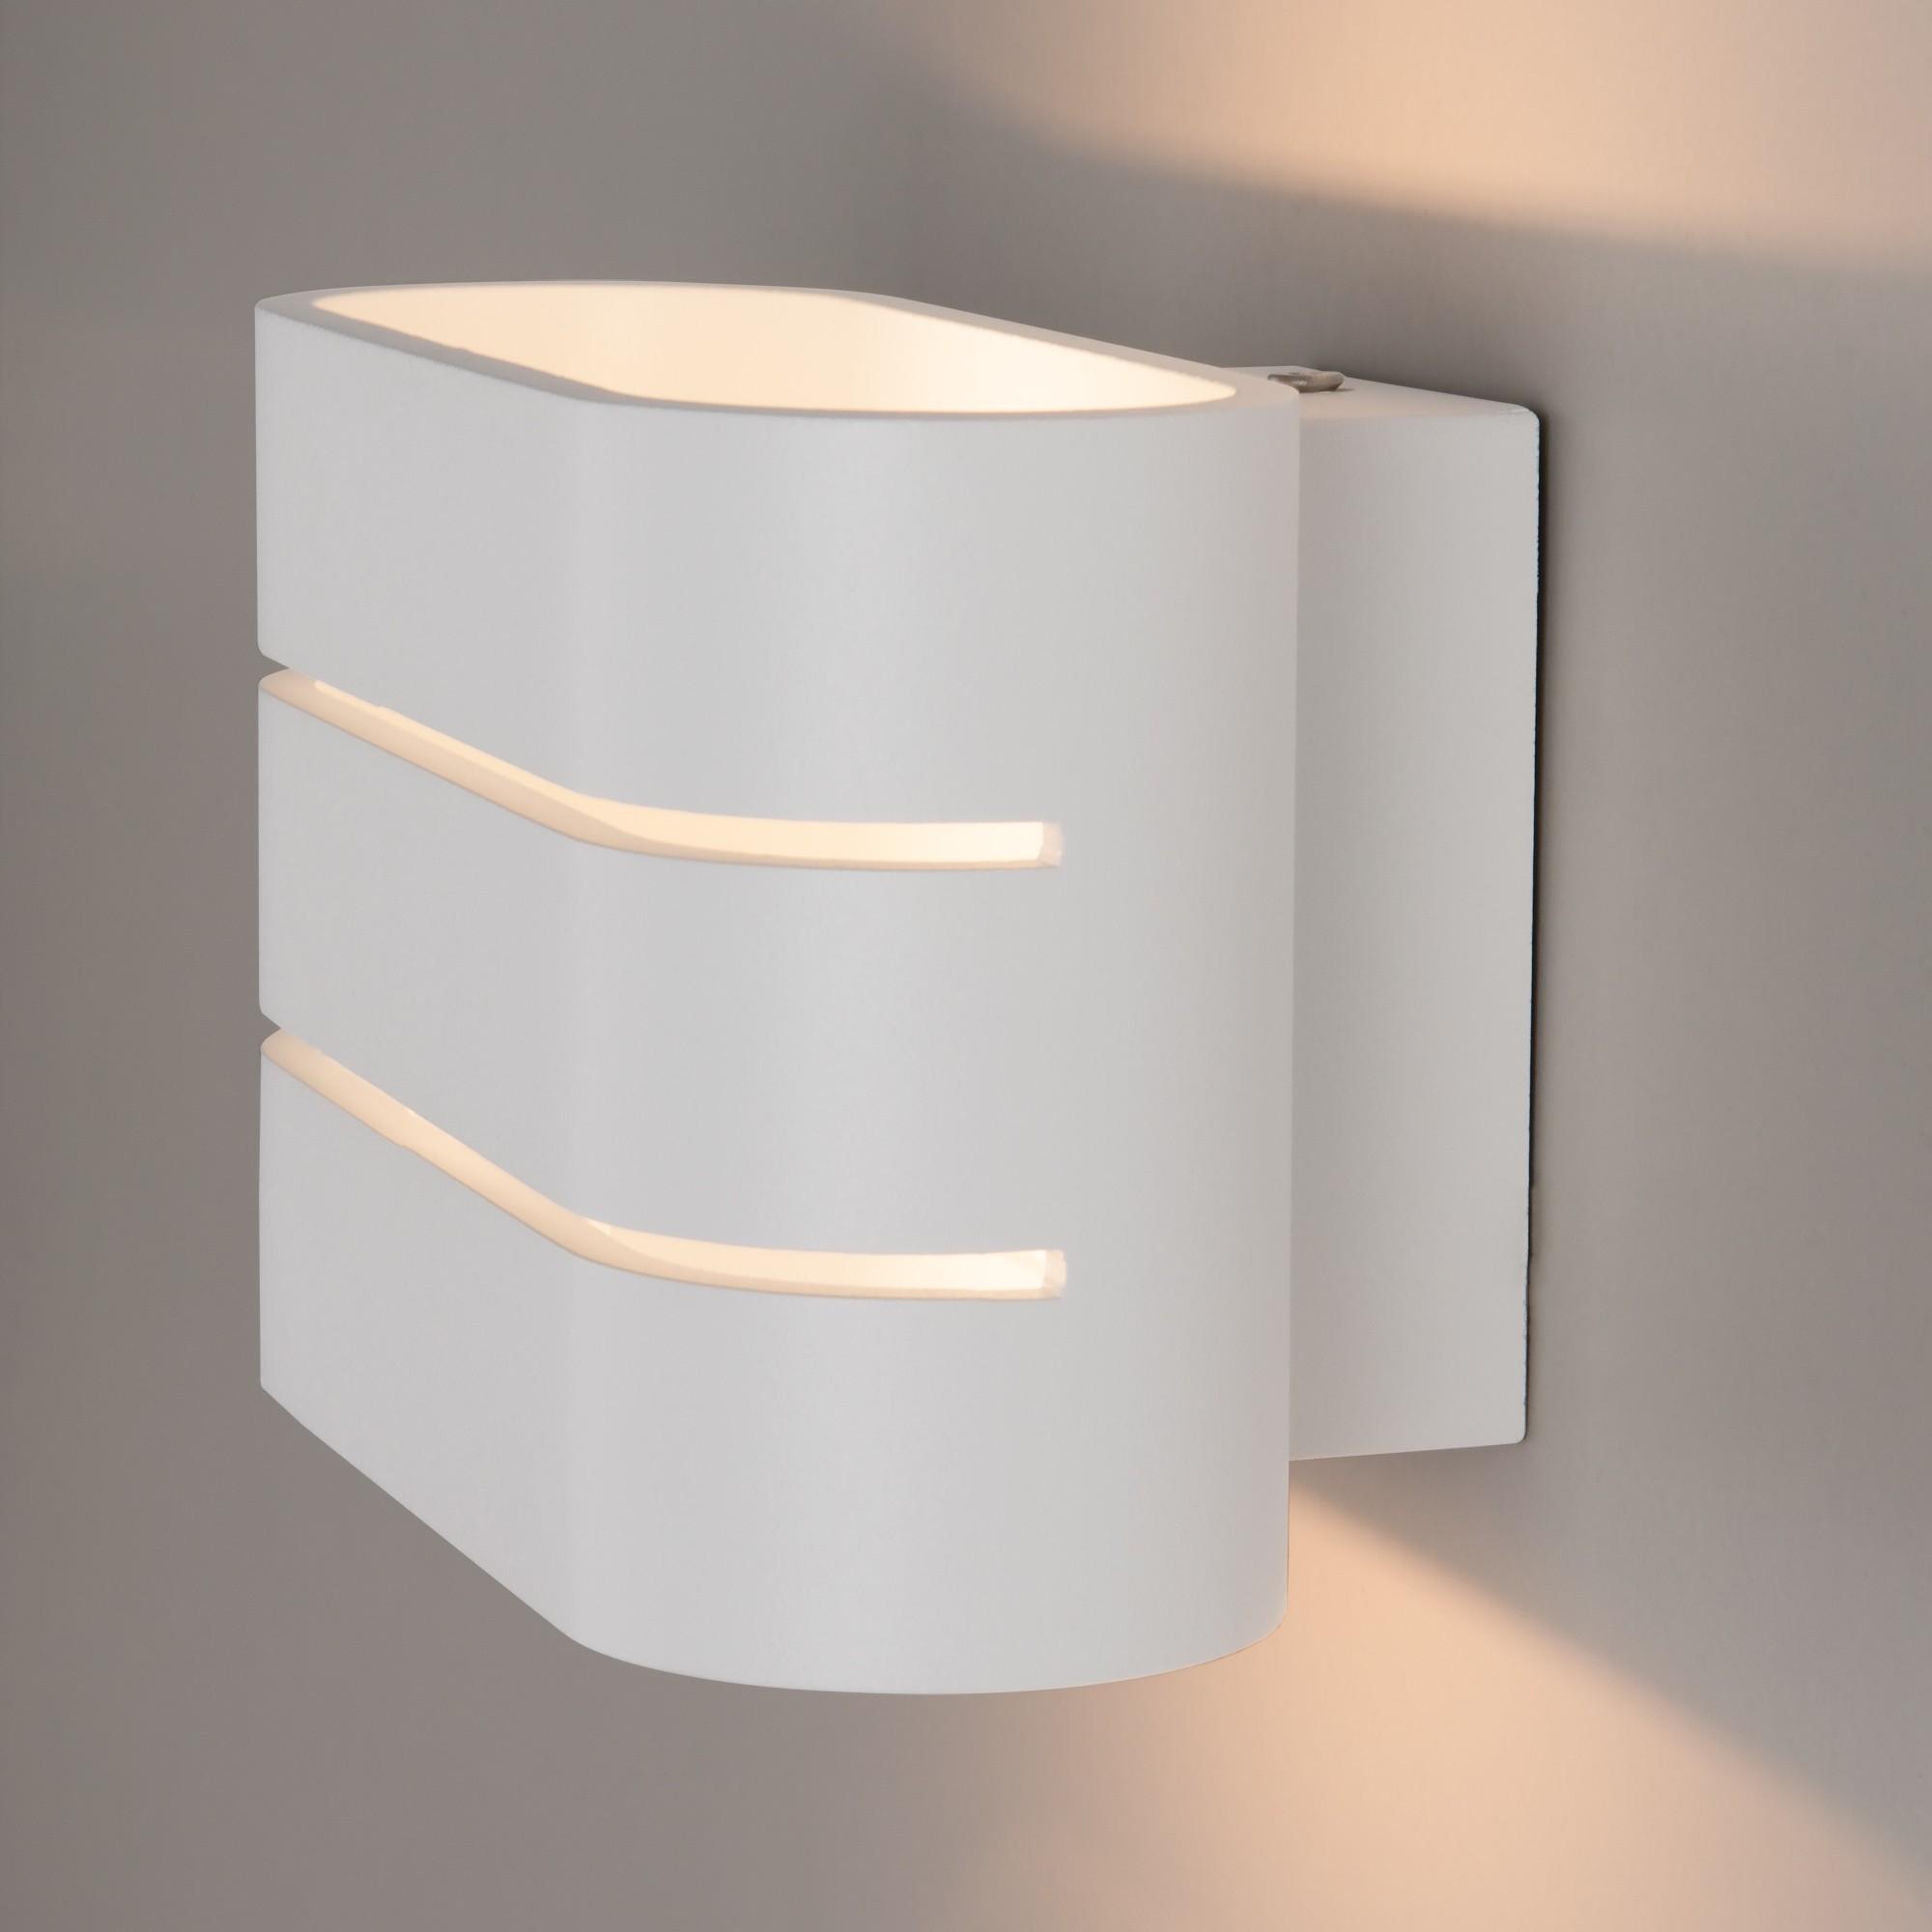 Дополнительное фото 1 товара Накладной светильник Mrl Led 1248 a041315